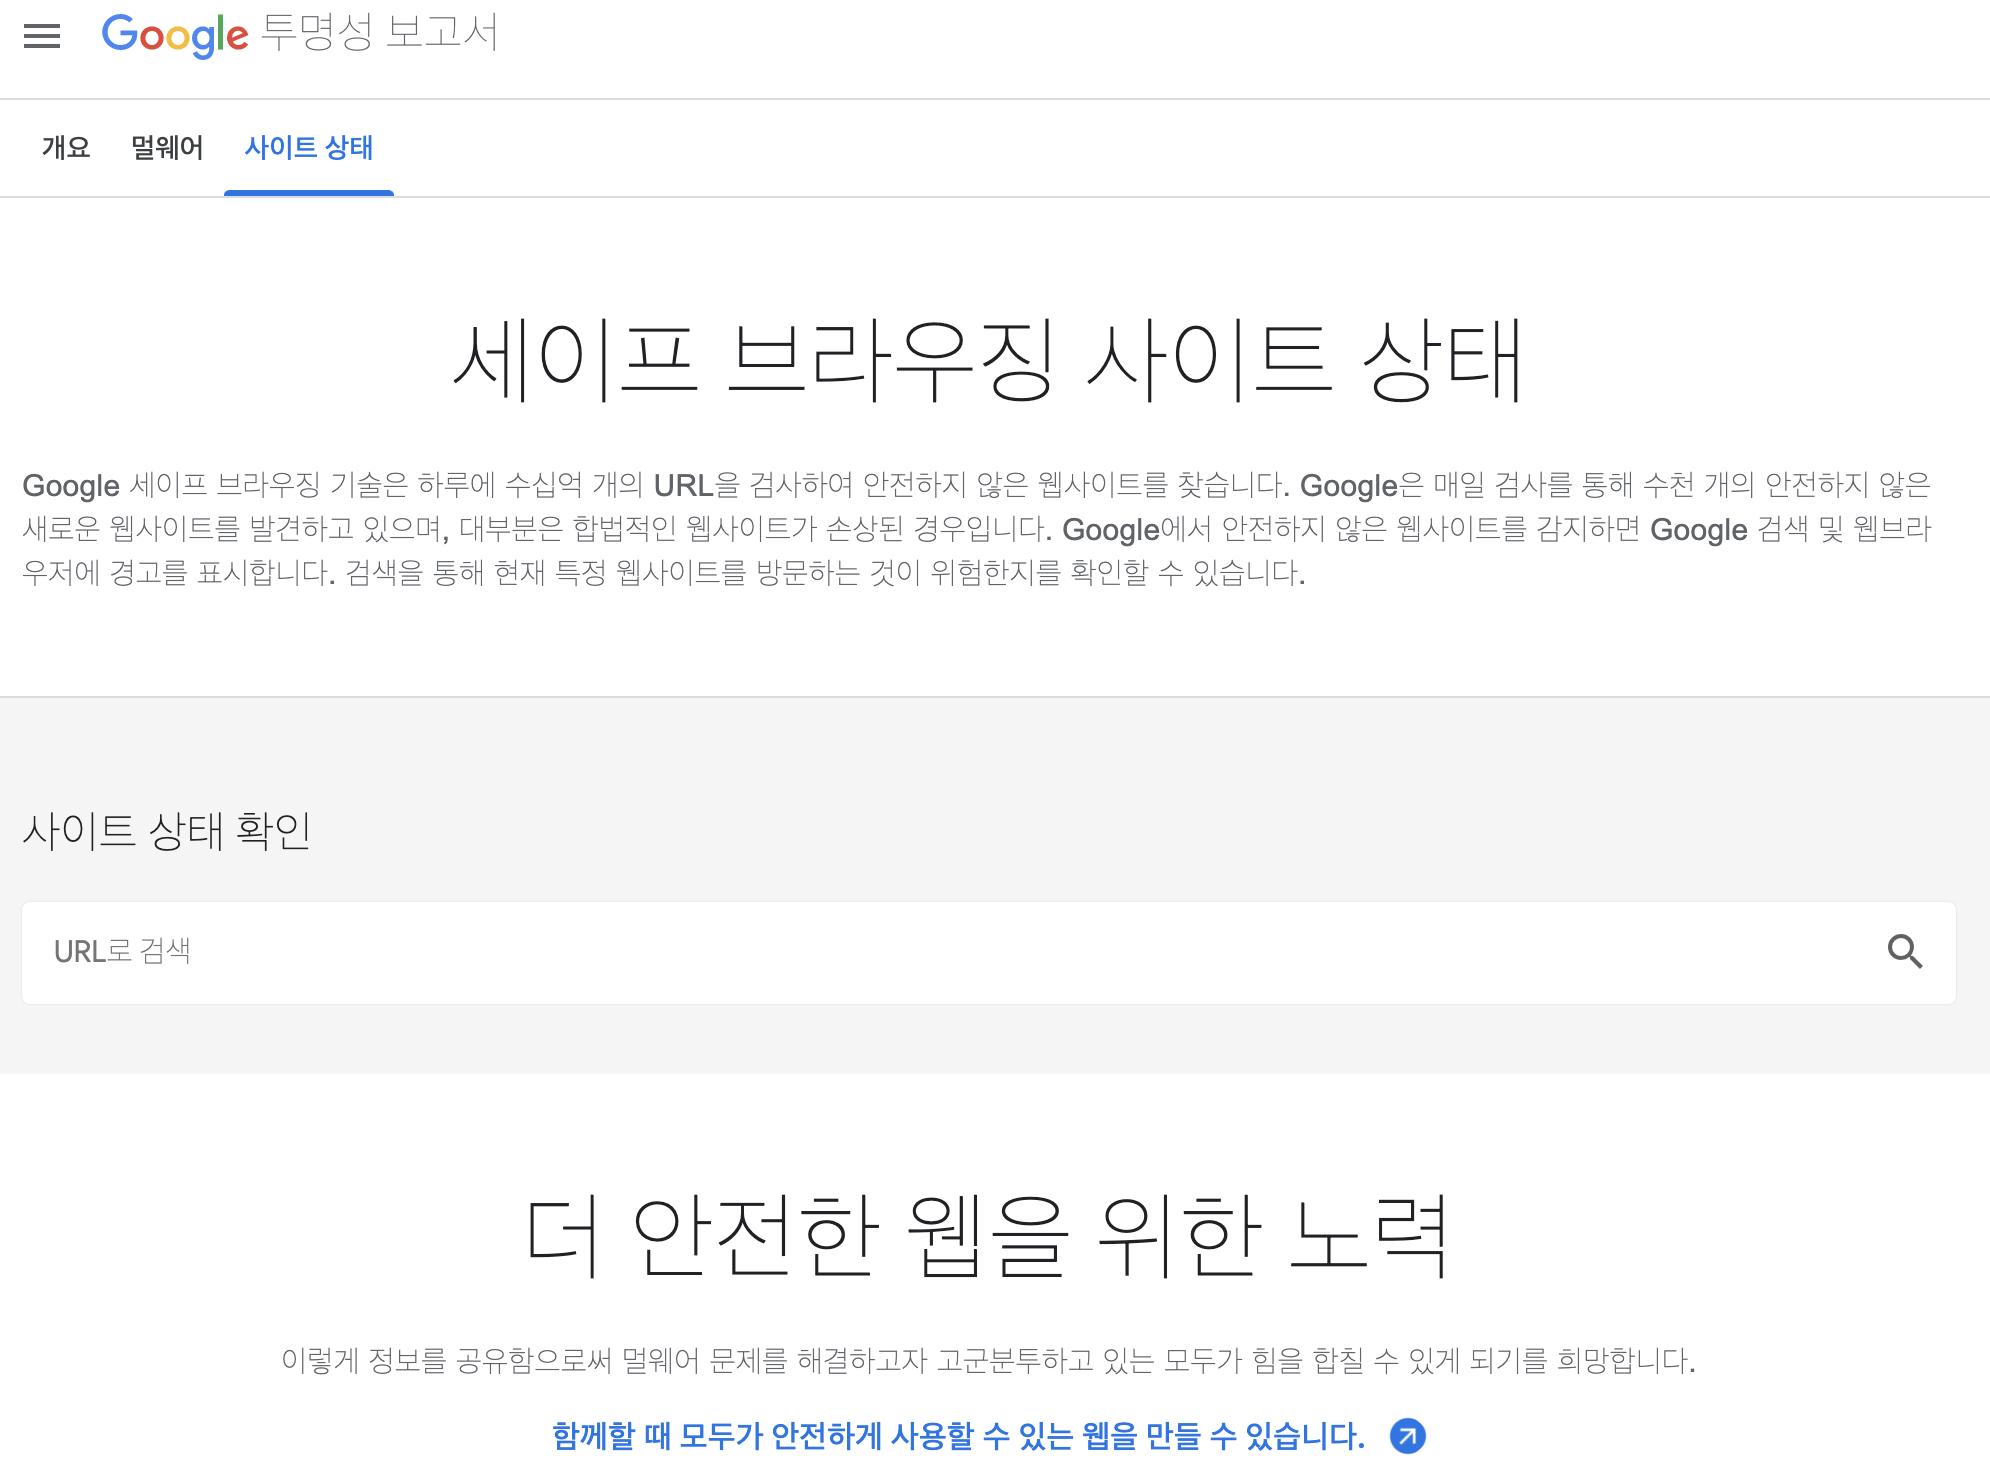 운영중인 서버, 사이트가 바이러스에 걸렸는지 확인해주는 구글 서비스